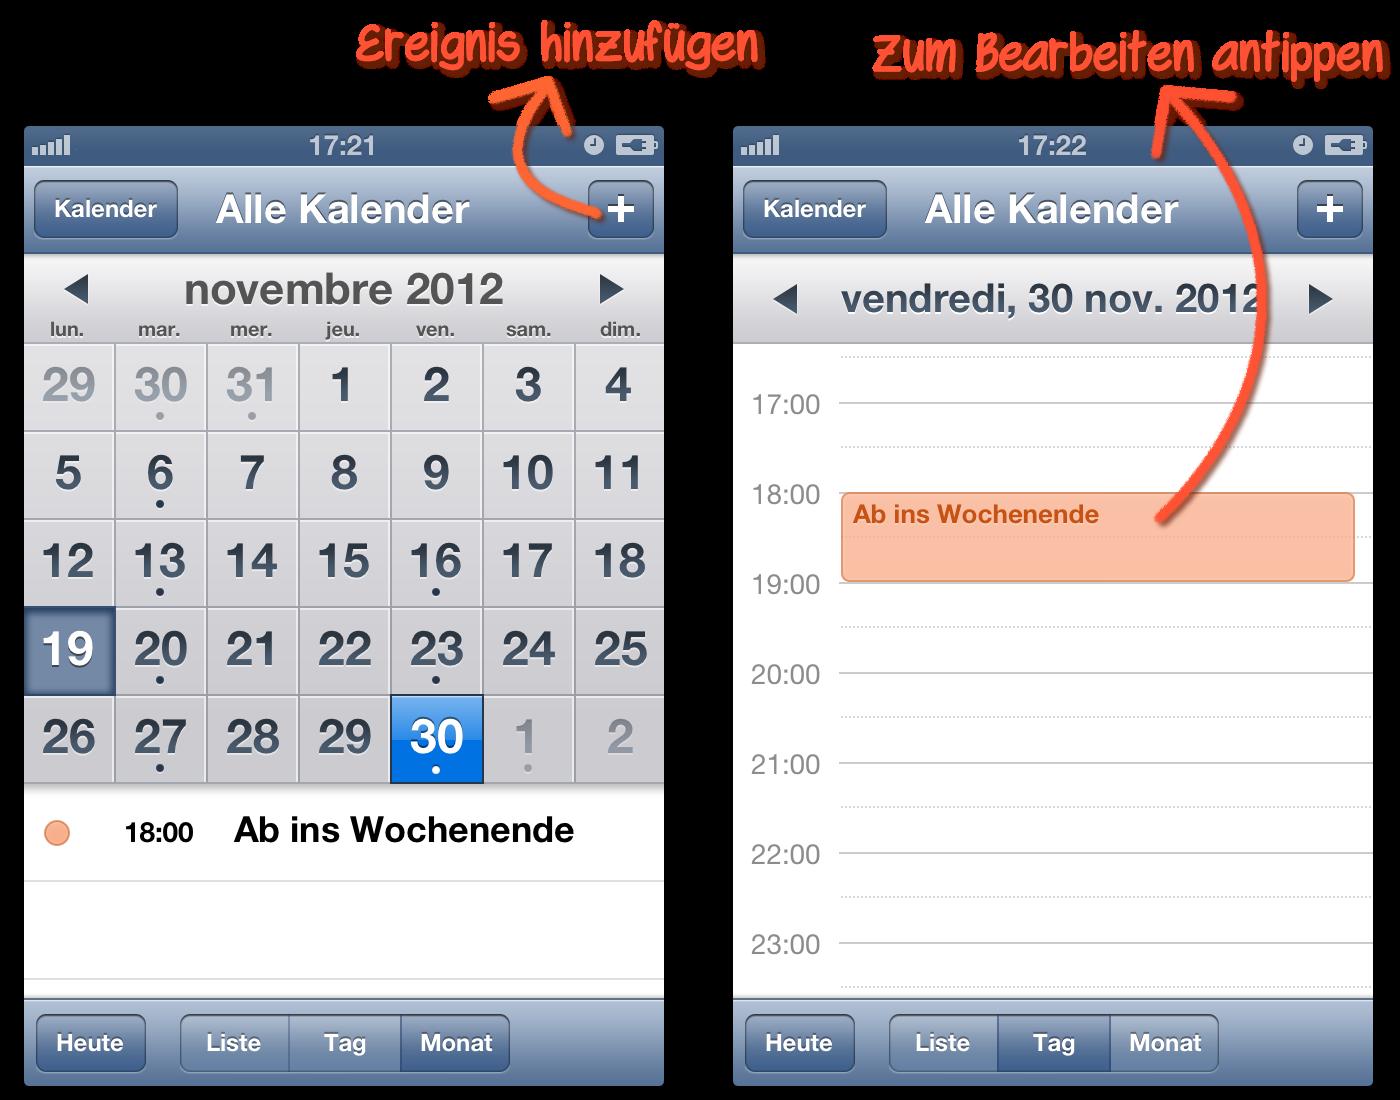 iphone kalender feiertage löschen